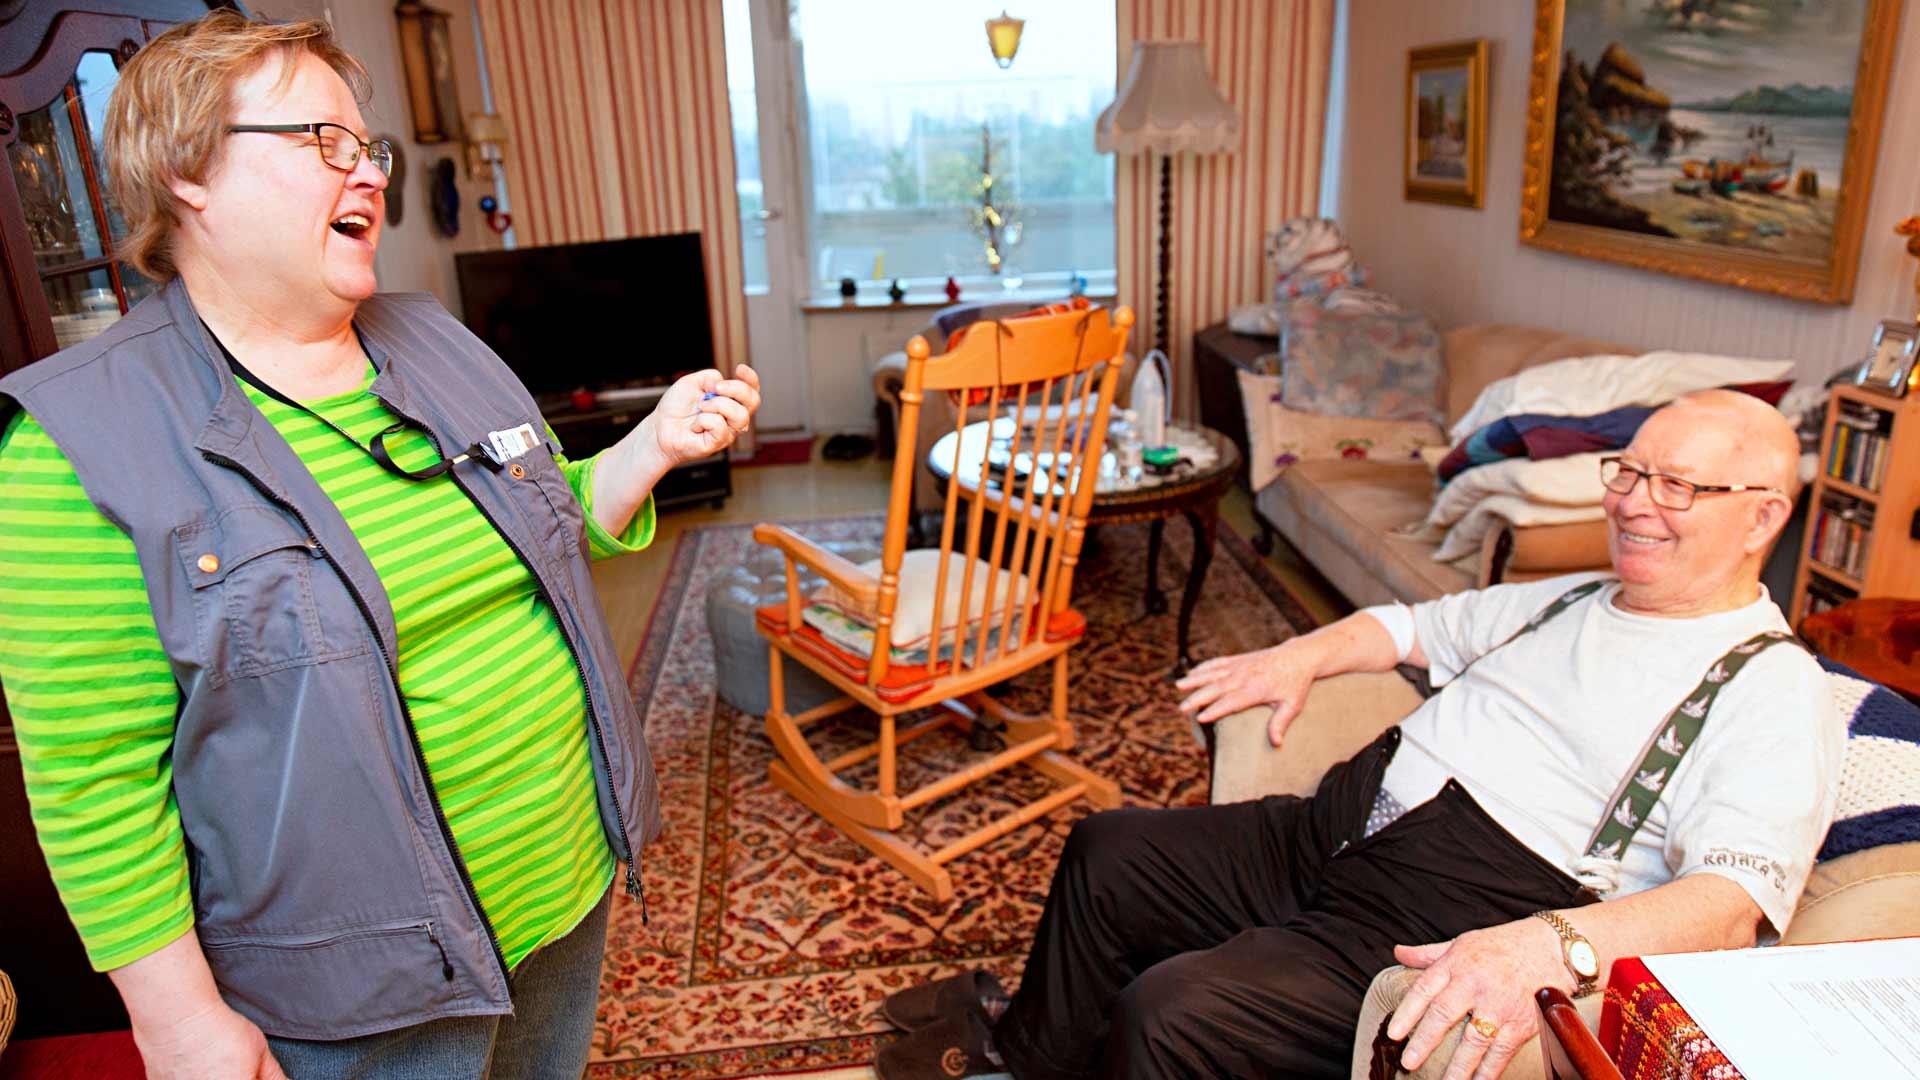 Auli Rantanen ja Lauri Hiltunen ovat tuttuja pitkältä ajalta, joten juttelu sujuu ja nauru raikaa.